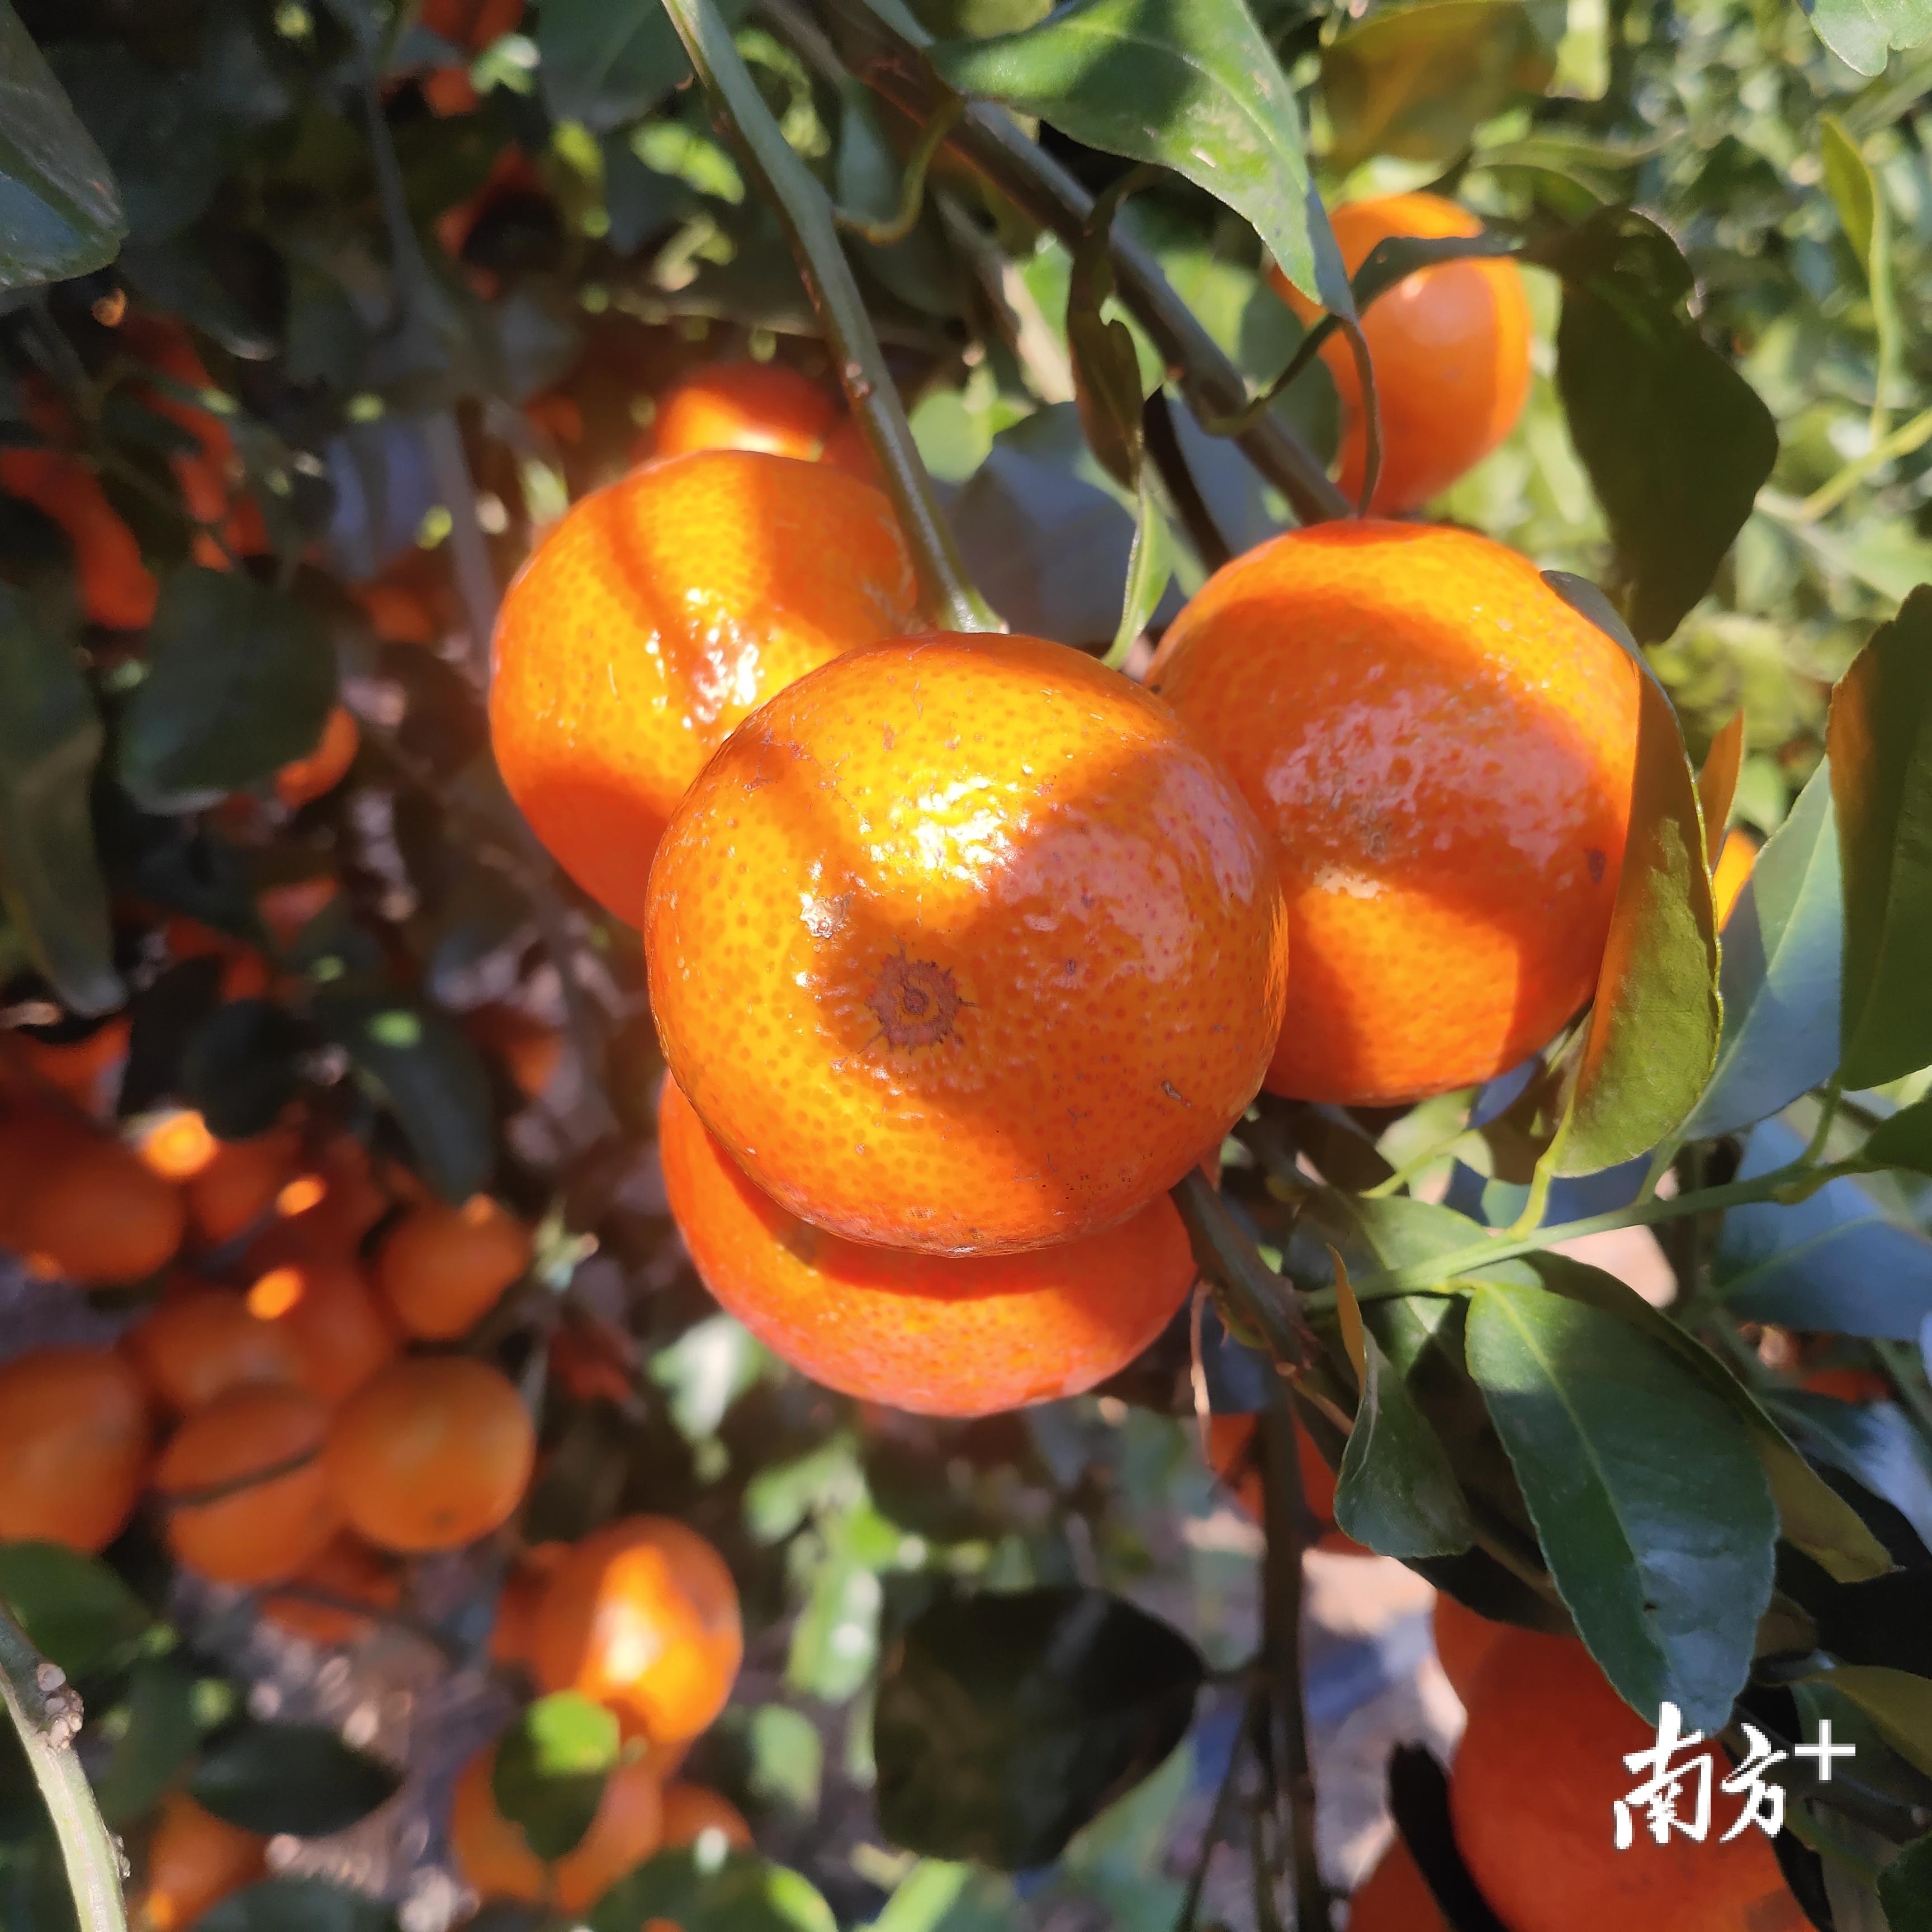 黄灿灿的砂糖桔悬挂枝头。陈海兰 摄